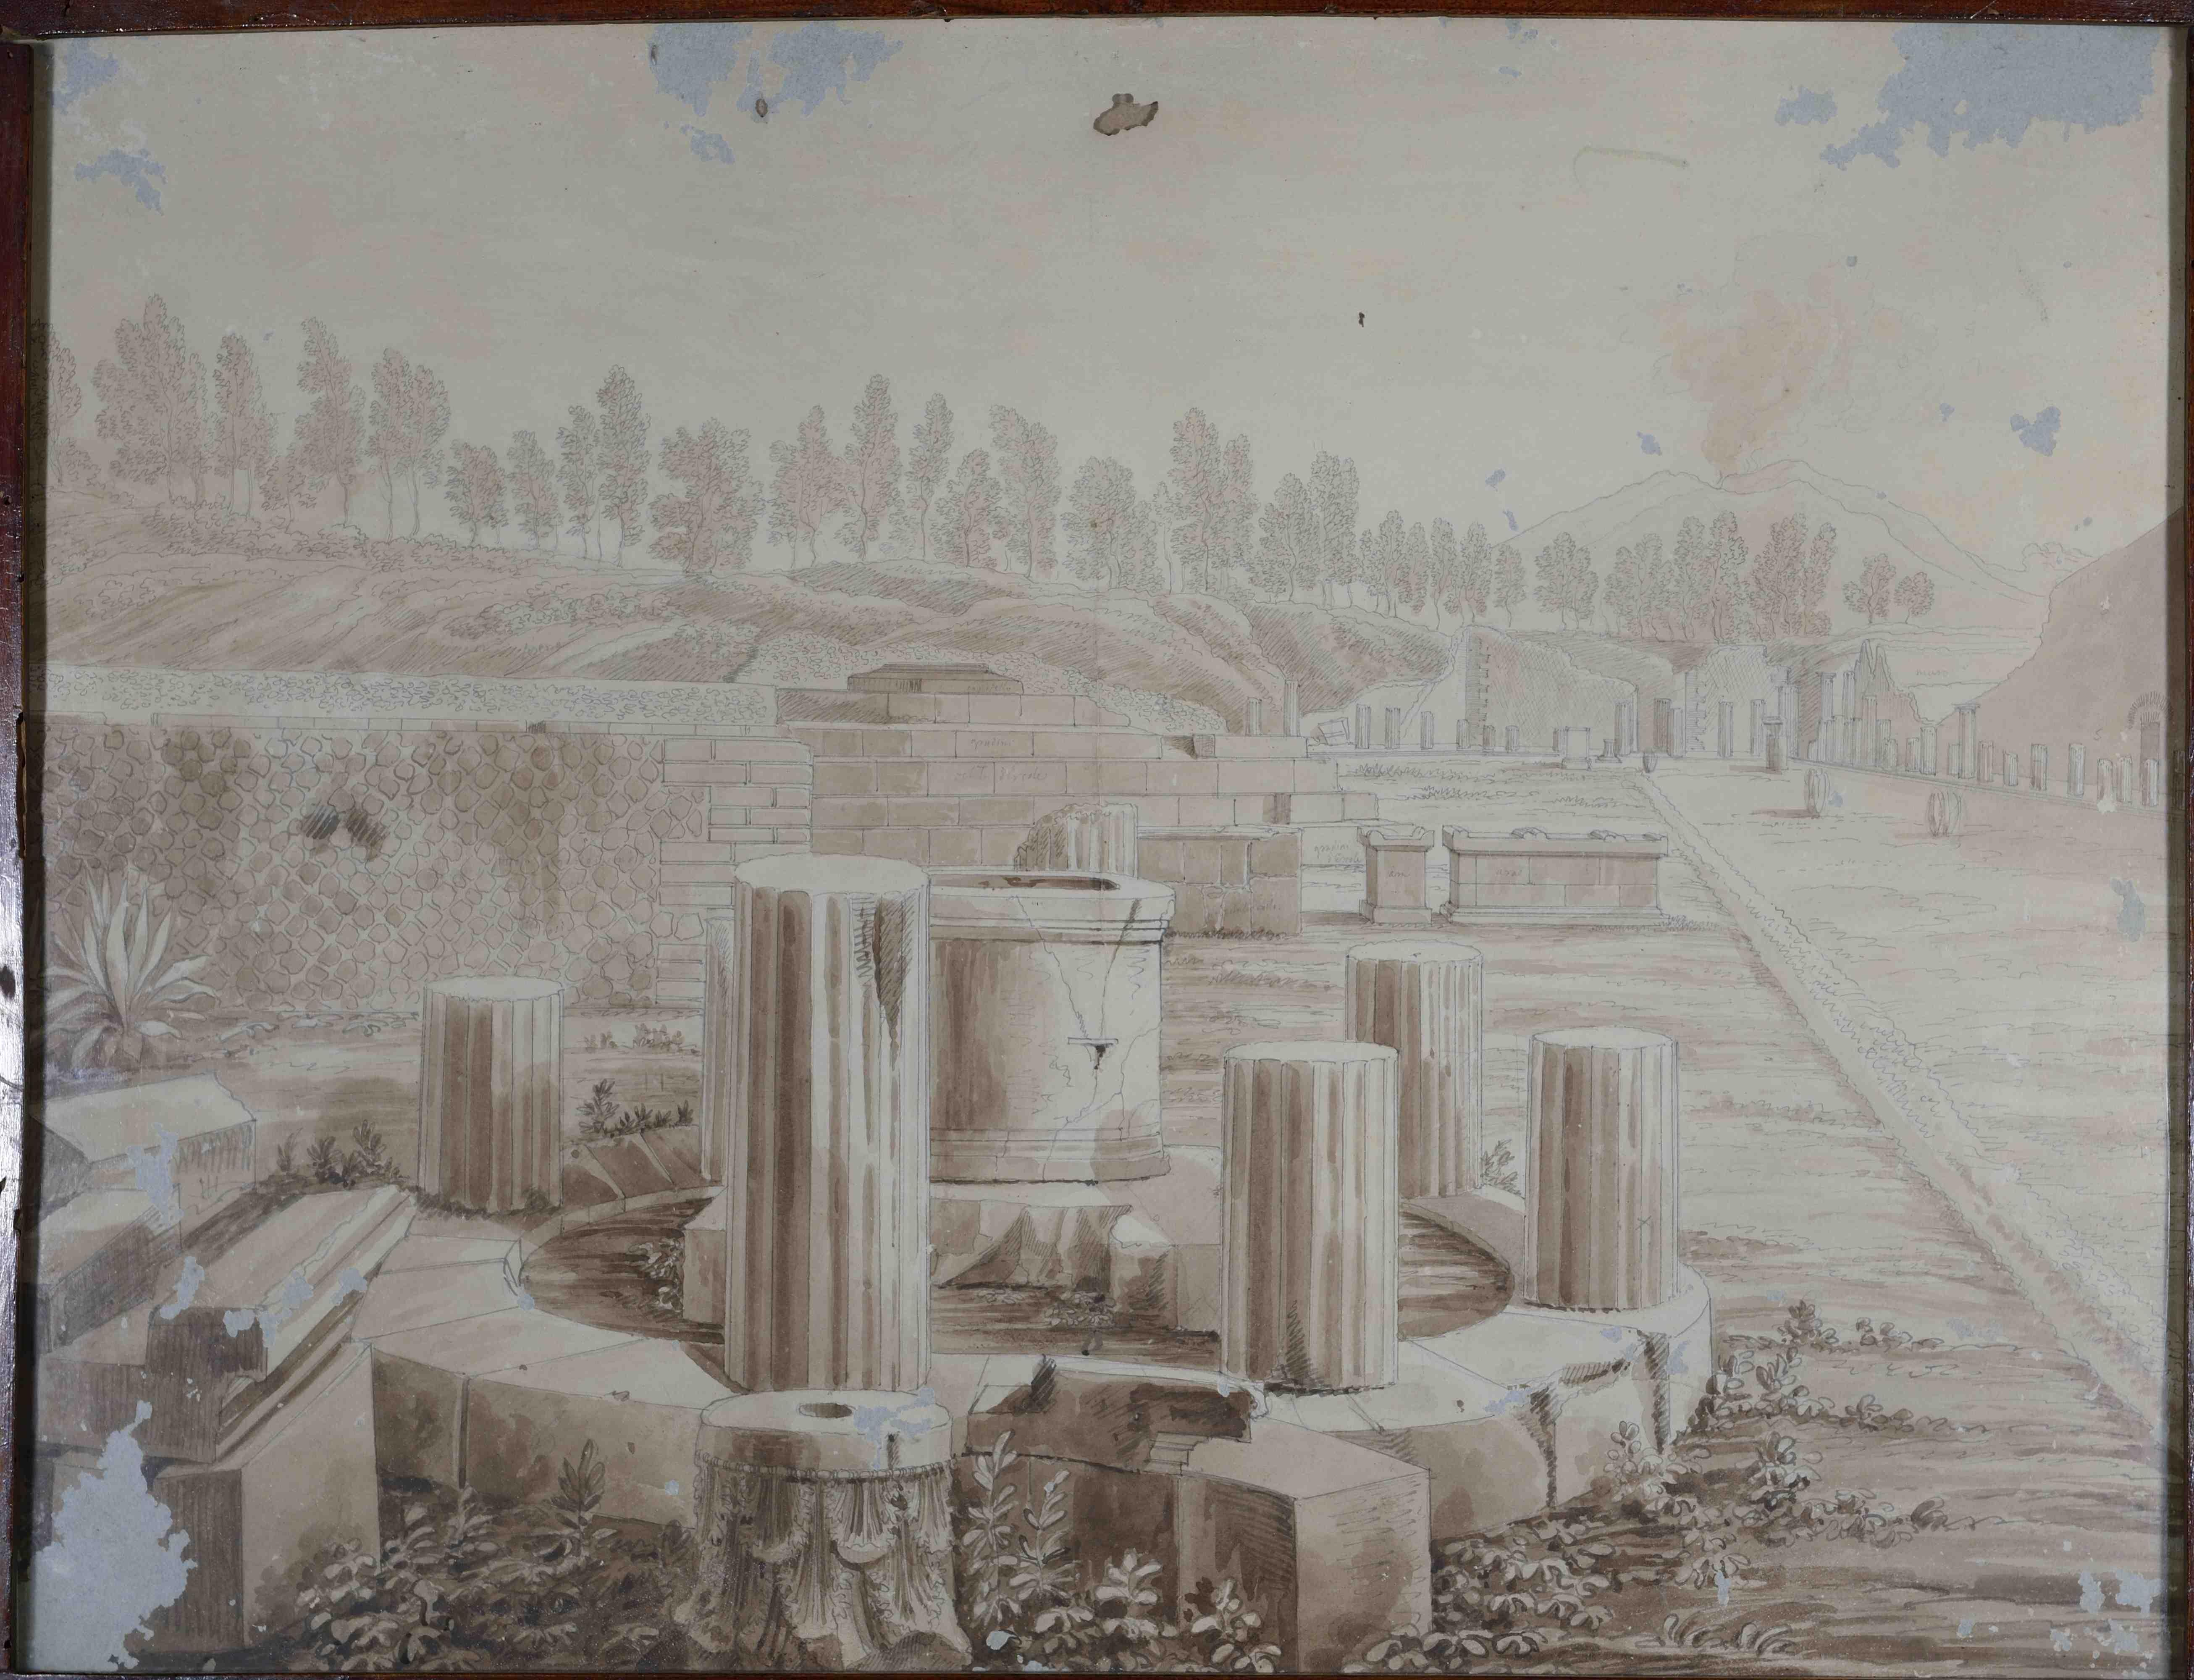 Luigi Rossini, Puteale in Pompei, s.d. (ca. 1830), matita e inchiostro color seppia acquerellato su carta vergata, 46 x 57,5 cm, Collezione privata